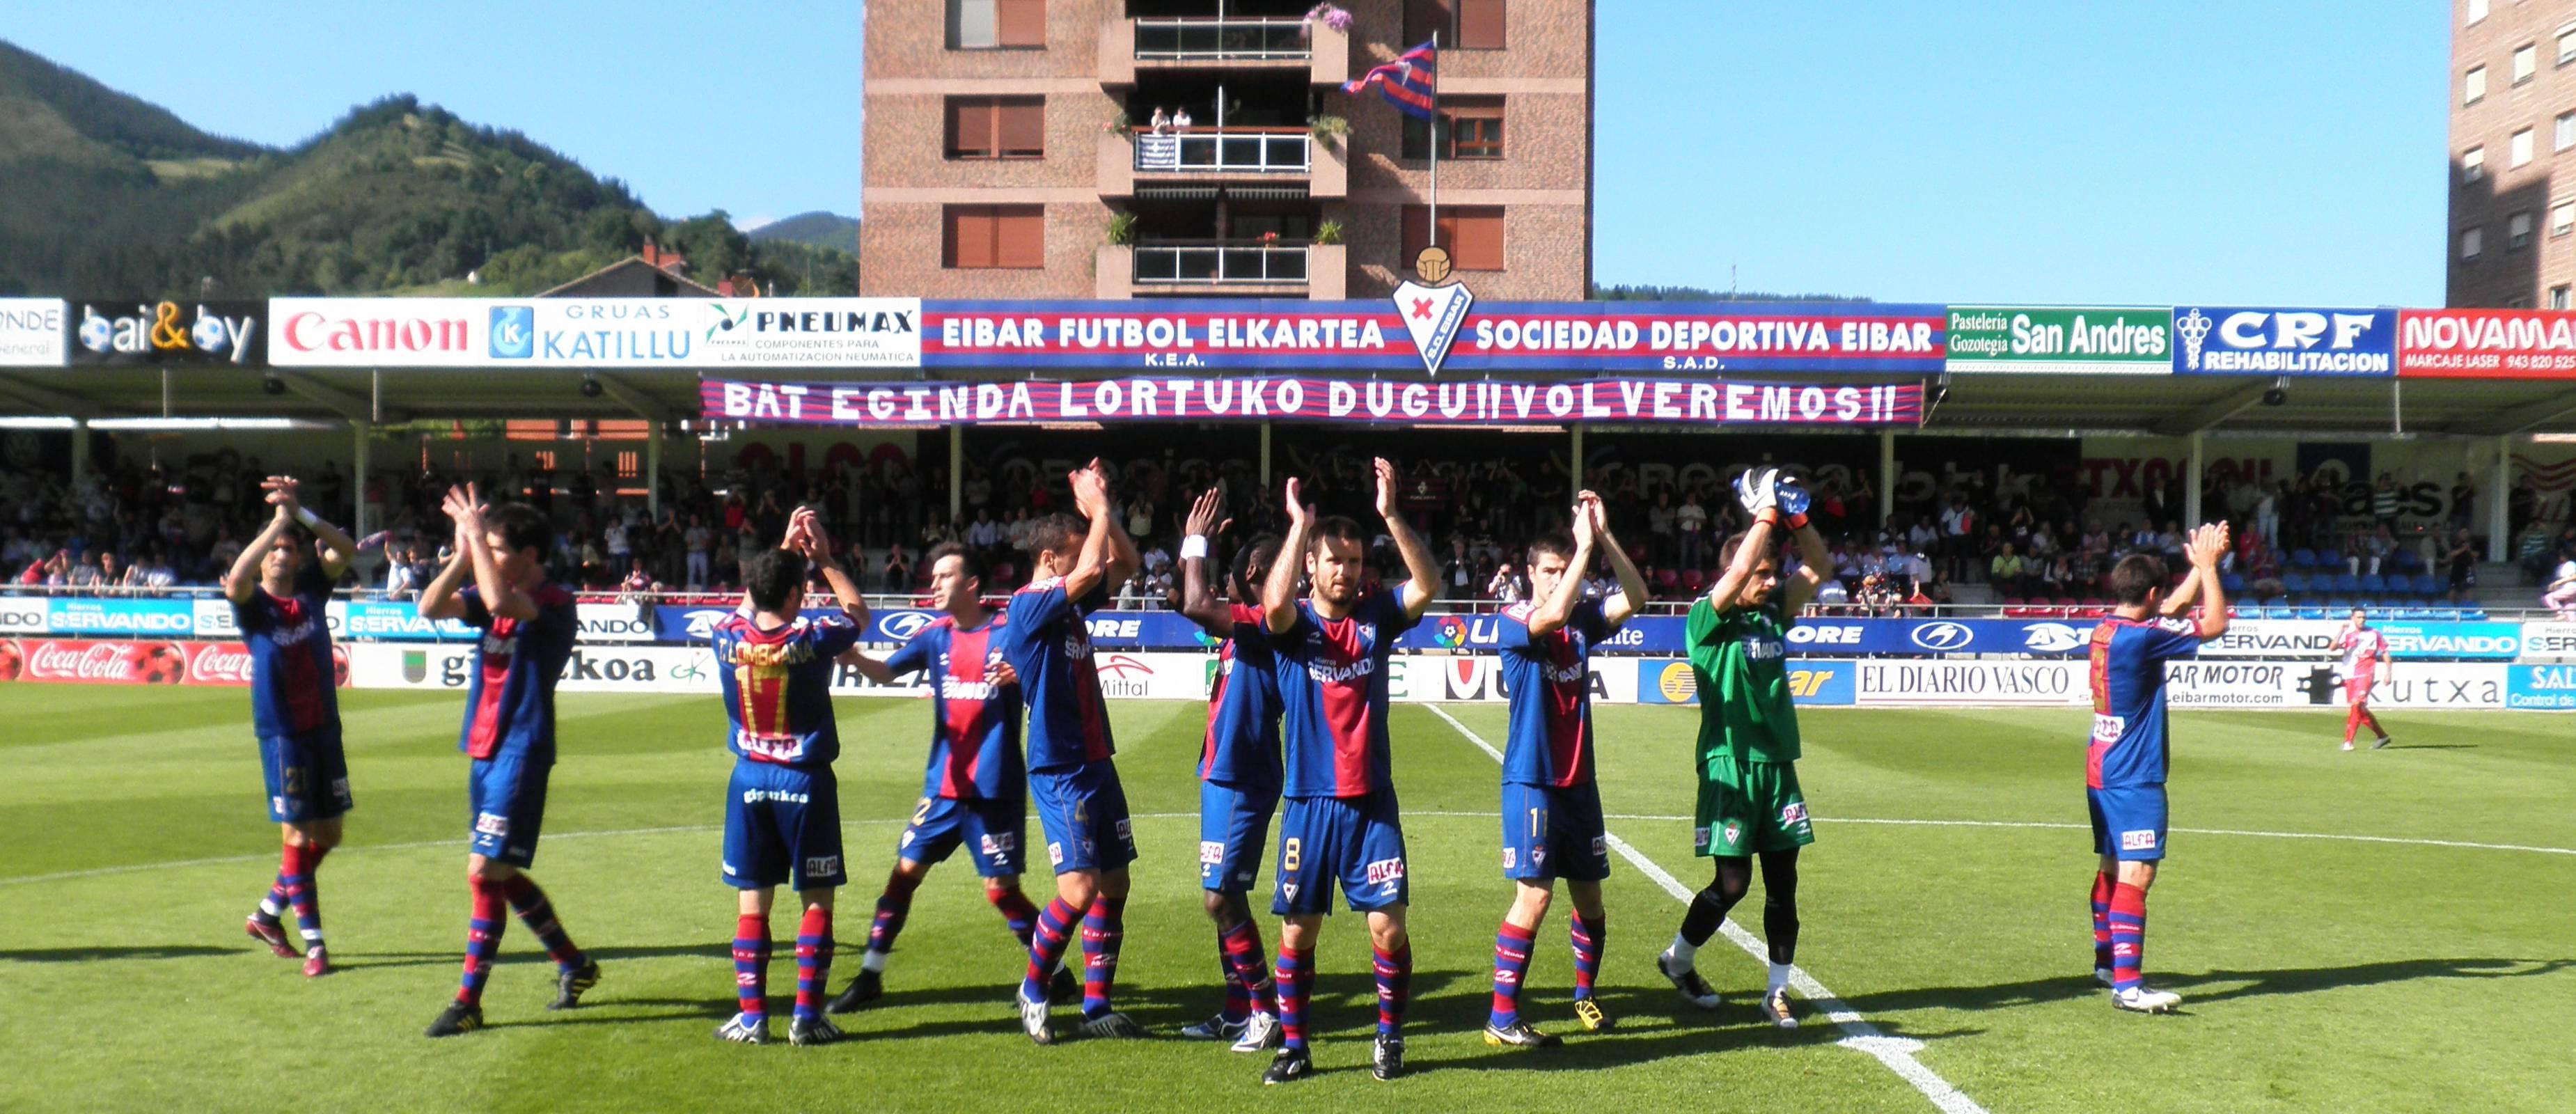 En 2011, el Éibar perdió la eliminatoria de campeones de grupo de Segunda B ante el Sabadell. Tres años después, celebra su ascenso a Primera.